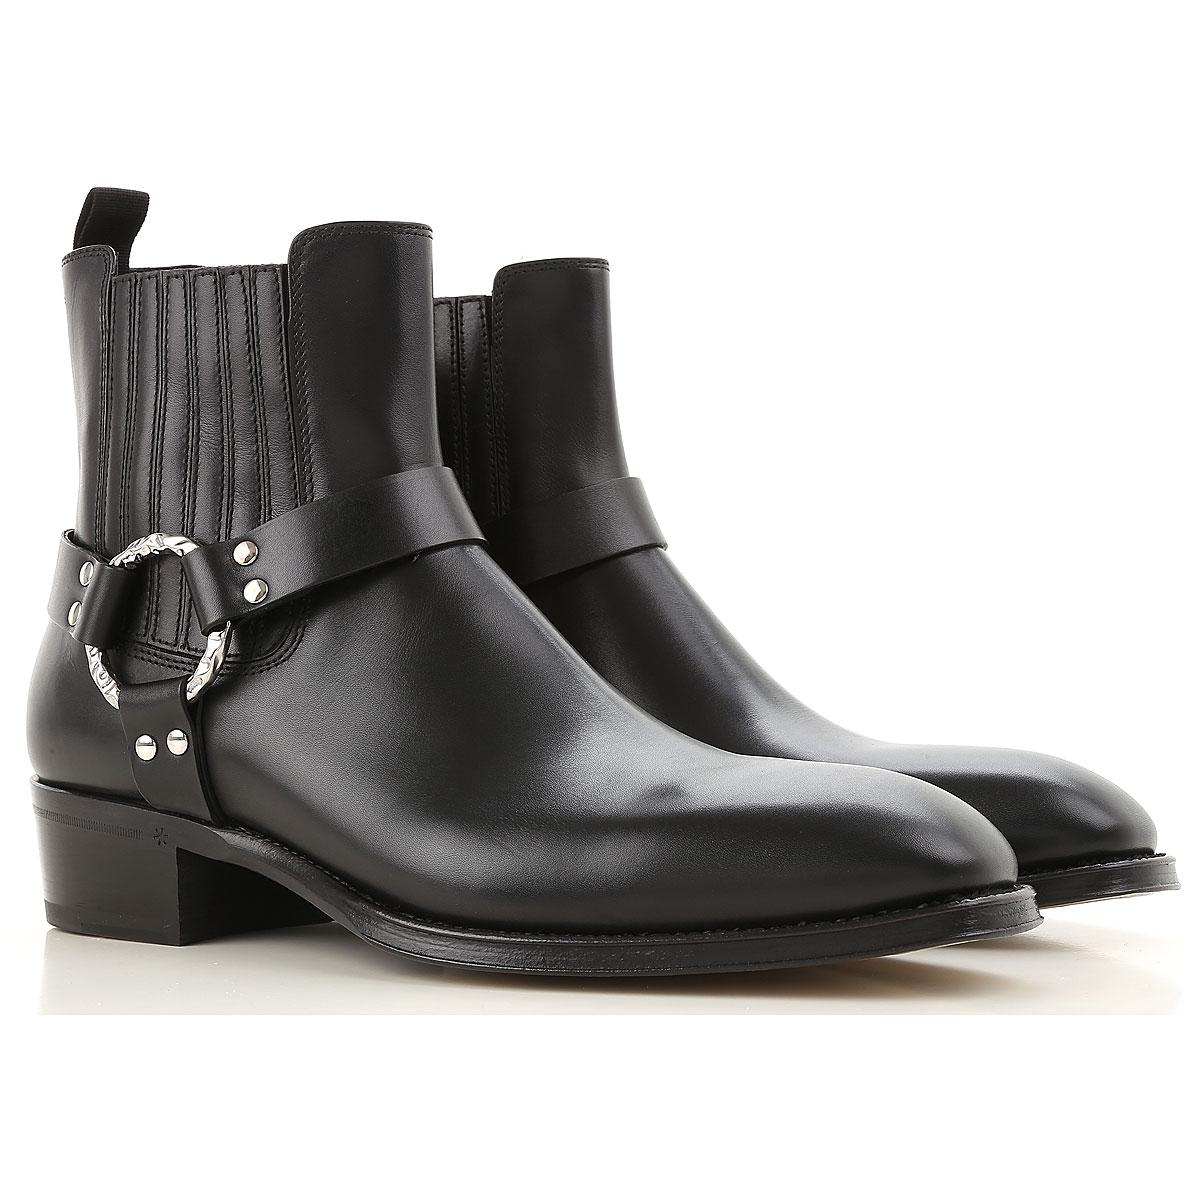 Image of Alexander McQueen Boots for Men, Booties, Black, Leather, 2017, EUR 39 - US 6 - UK 5 EUR 40.5 - US 7.5 - UK 6.5 EUR 40 - US 7 - UK 6 EUR 41 - US 8 - UK 7 EUR 42 - US 9 - UK 8 EUR 43 - US 10 - UK 9 EUR 44 - US 11 - UK 10